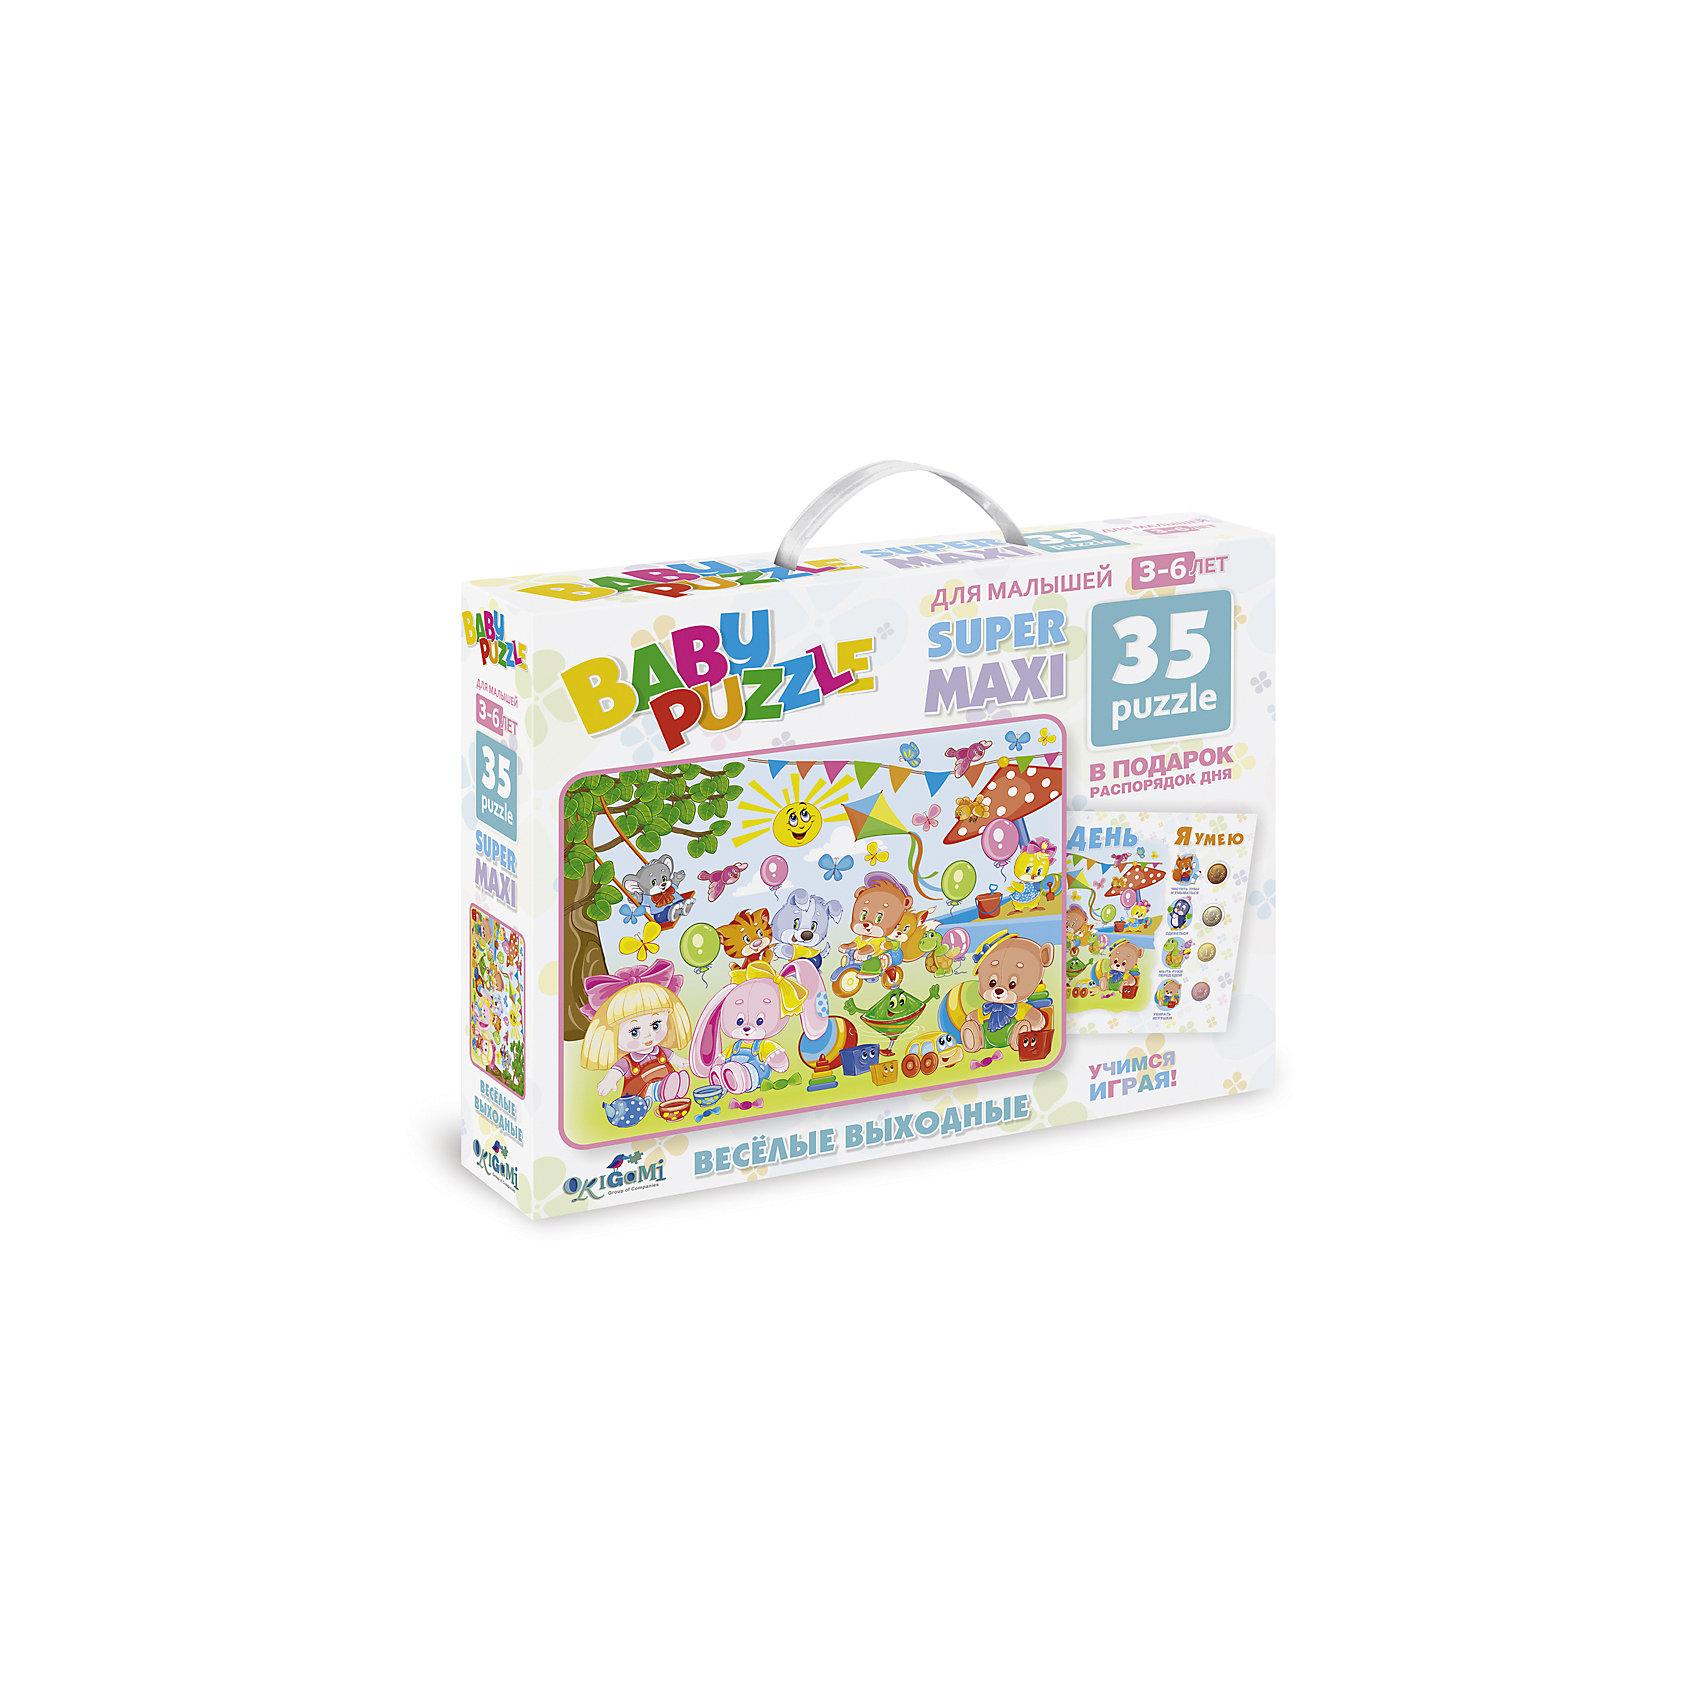 Пазл Веселые выходные с плакатом Мой день, OrigamiПазлы для малышей<br>Пазл Веселые выходные с плакатом Мой день, Origami<br><br>Характеристики:<br><br>• В набор входит: пазл, распорядок дня, медали (4 шт.)<br>• Количество деталей: 35 шт.<br>• Размер упаковки: 23 * 5 * 18 см.<br>• Состав: картон<br>• Вес: 150 г.<br>• Для детей в возрасте: от 3 до 6 лет<br>• Страна производитель: Россия<br><br>Лицензионный пазл с оригинальным дизайном соответствует высоким стандартам, которые подтверждены сертификатами качества. Крупные детали пазла отлично собираются, благодаря чётким разделениям частей по цвету сборка этого пазла не будет сложной. Кроме обычной сборки, пазл можно использовать для развития речи и кругозора малыша, научить его рассказывать о том как прошёл день, как может пройти день. С плакатом распорядка дня и четырьмя медалями можно составлять и планировать дни, оценивая насколько успешно они проходят.<br><br>Пазл Веселые выходные с плакатом Мой день, Origami можно купить в нашем интернет-магазине.<br><br>Ширина мм: 230<br>Глубина мм: 50<br>Высота мм: 180<br>Вес г: 150<br>Возраст от месяцев: 36<br>Возраст до месяцев: 72<br>Пол: Унисекс<br>Возраст: Детский<br>SKU: 5528442